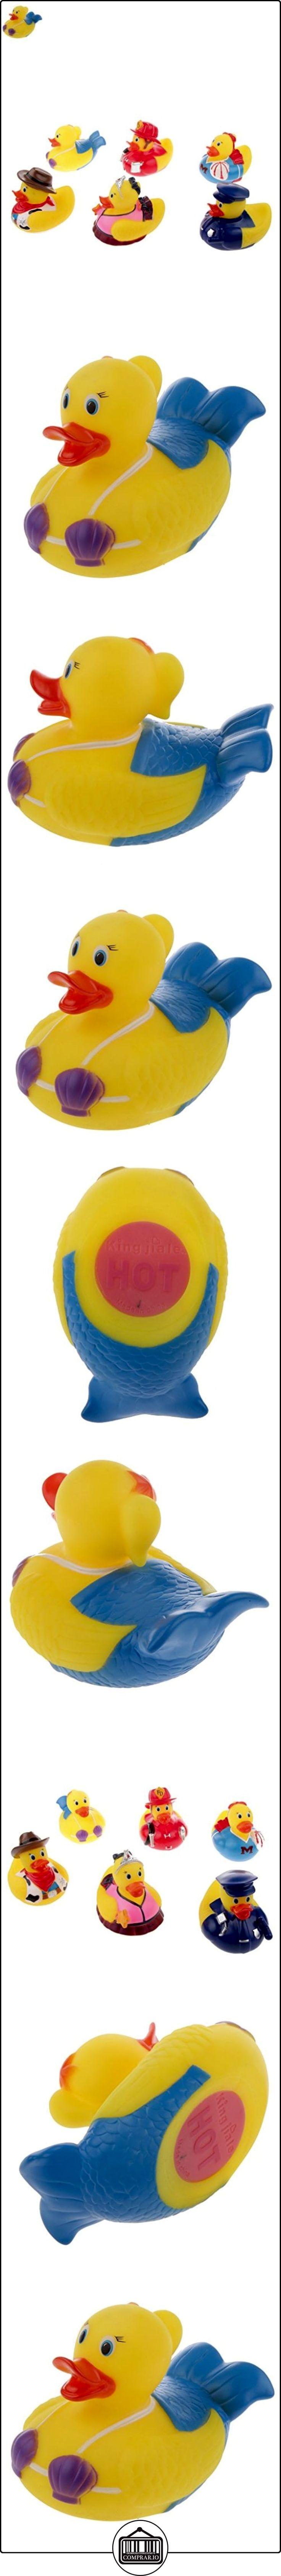 Juegos del Baño Apretón de Goma Suene de Medición Temperatura Pato Chirriantes  ✿ Seguridad para tu bebé - (Protege a tus hijos) ✿ ▬► Ver oferta: http://comprar.io/goto/B01M7QG0XB